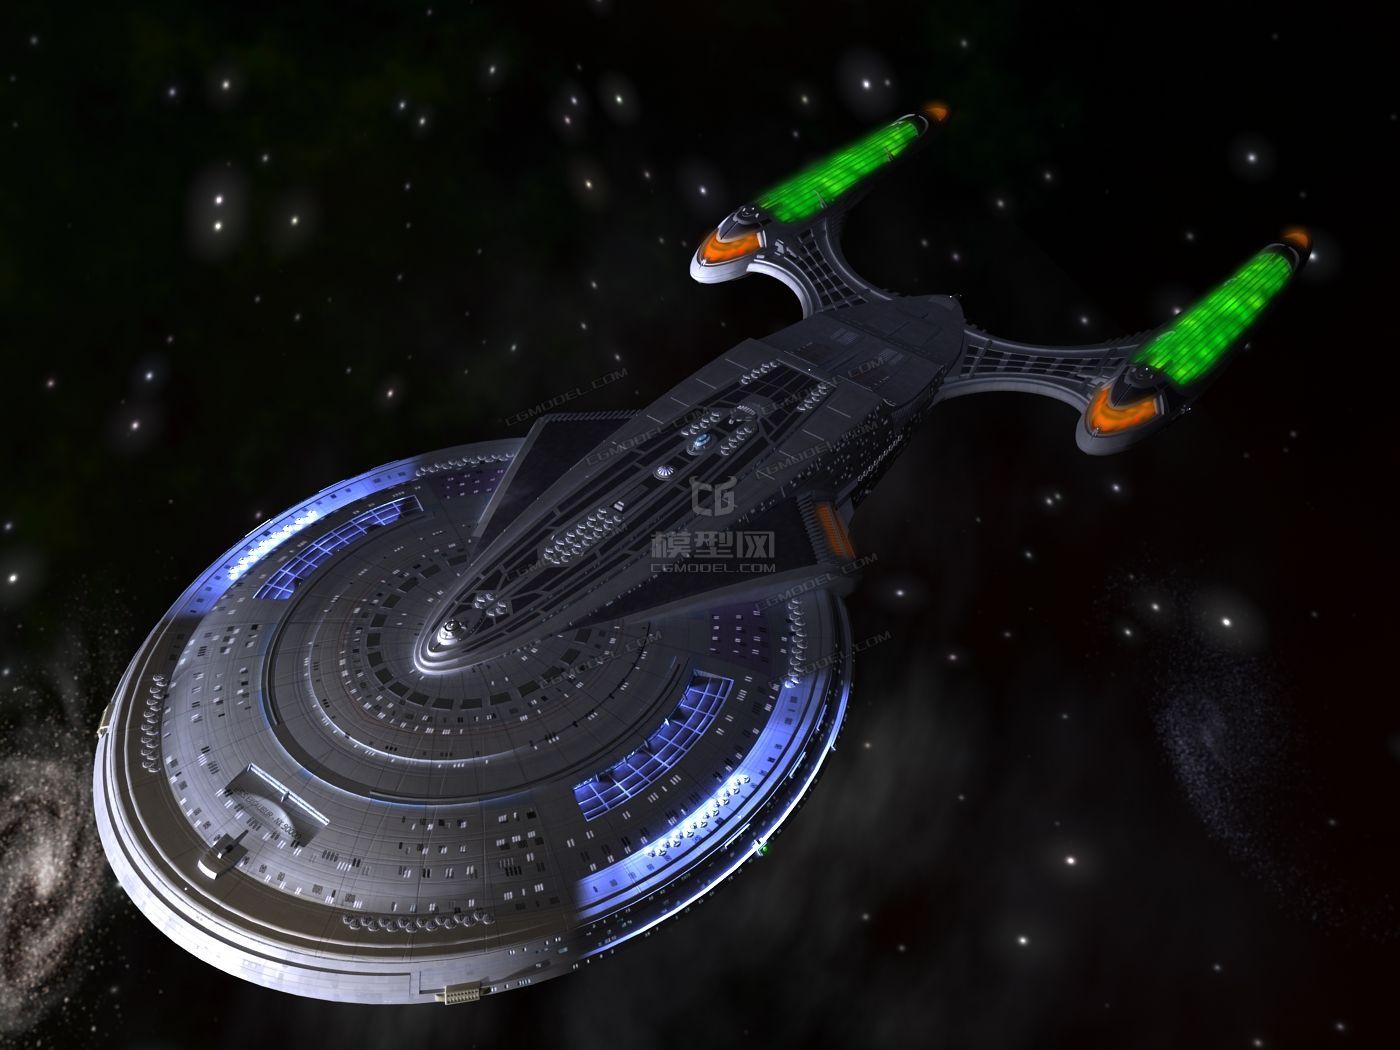 影视级科幻舰艇太空宇宙飞船航天飞机未来飞行器星际战舰ufo